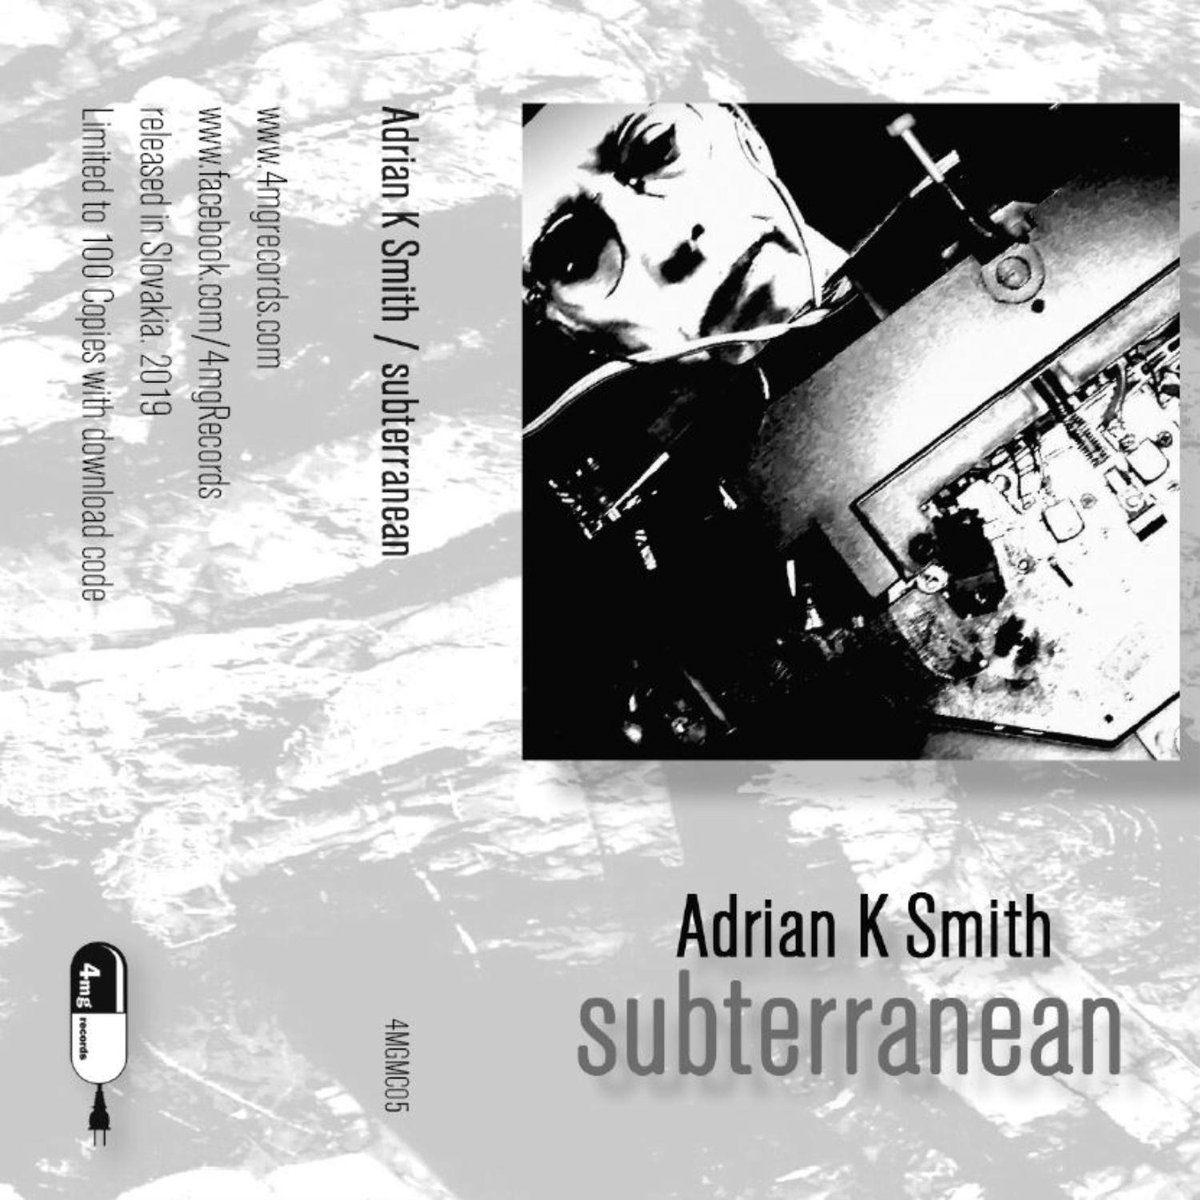 Click Click frontman Adrian K Smith launches brand new solo album